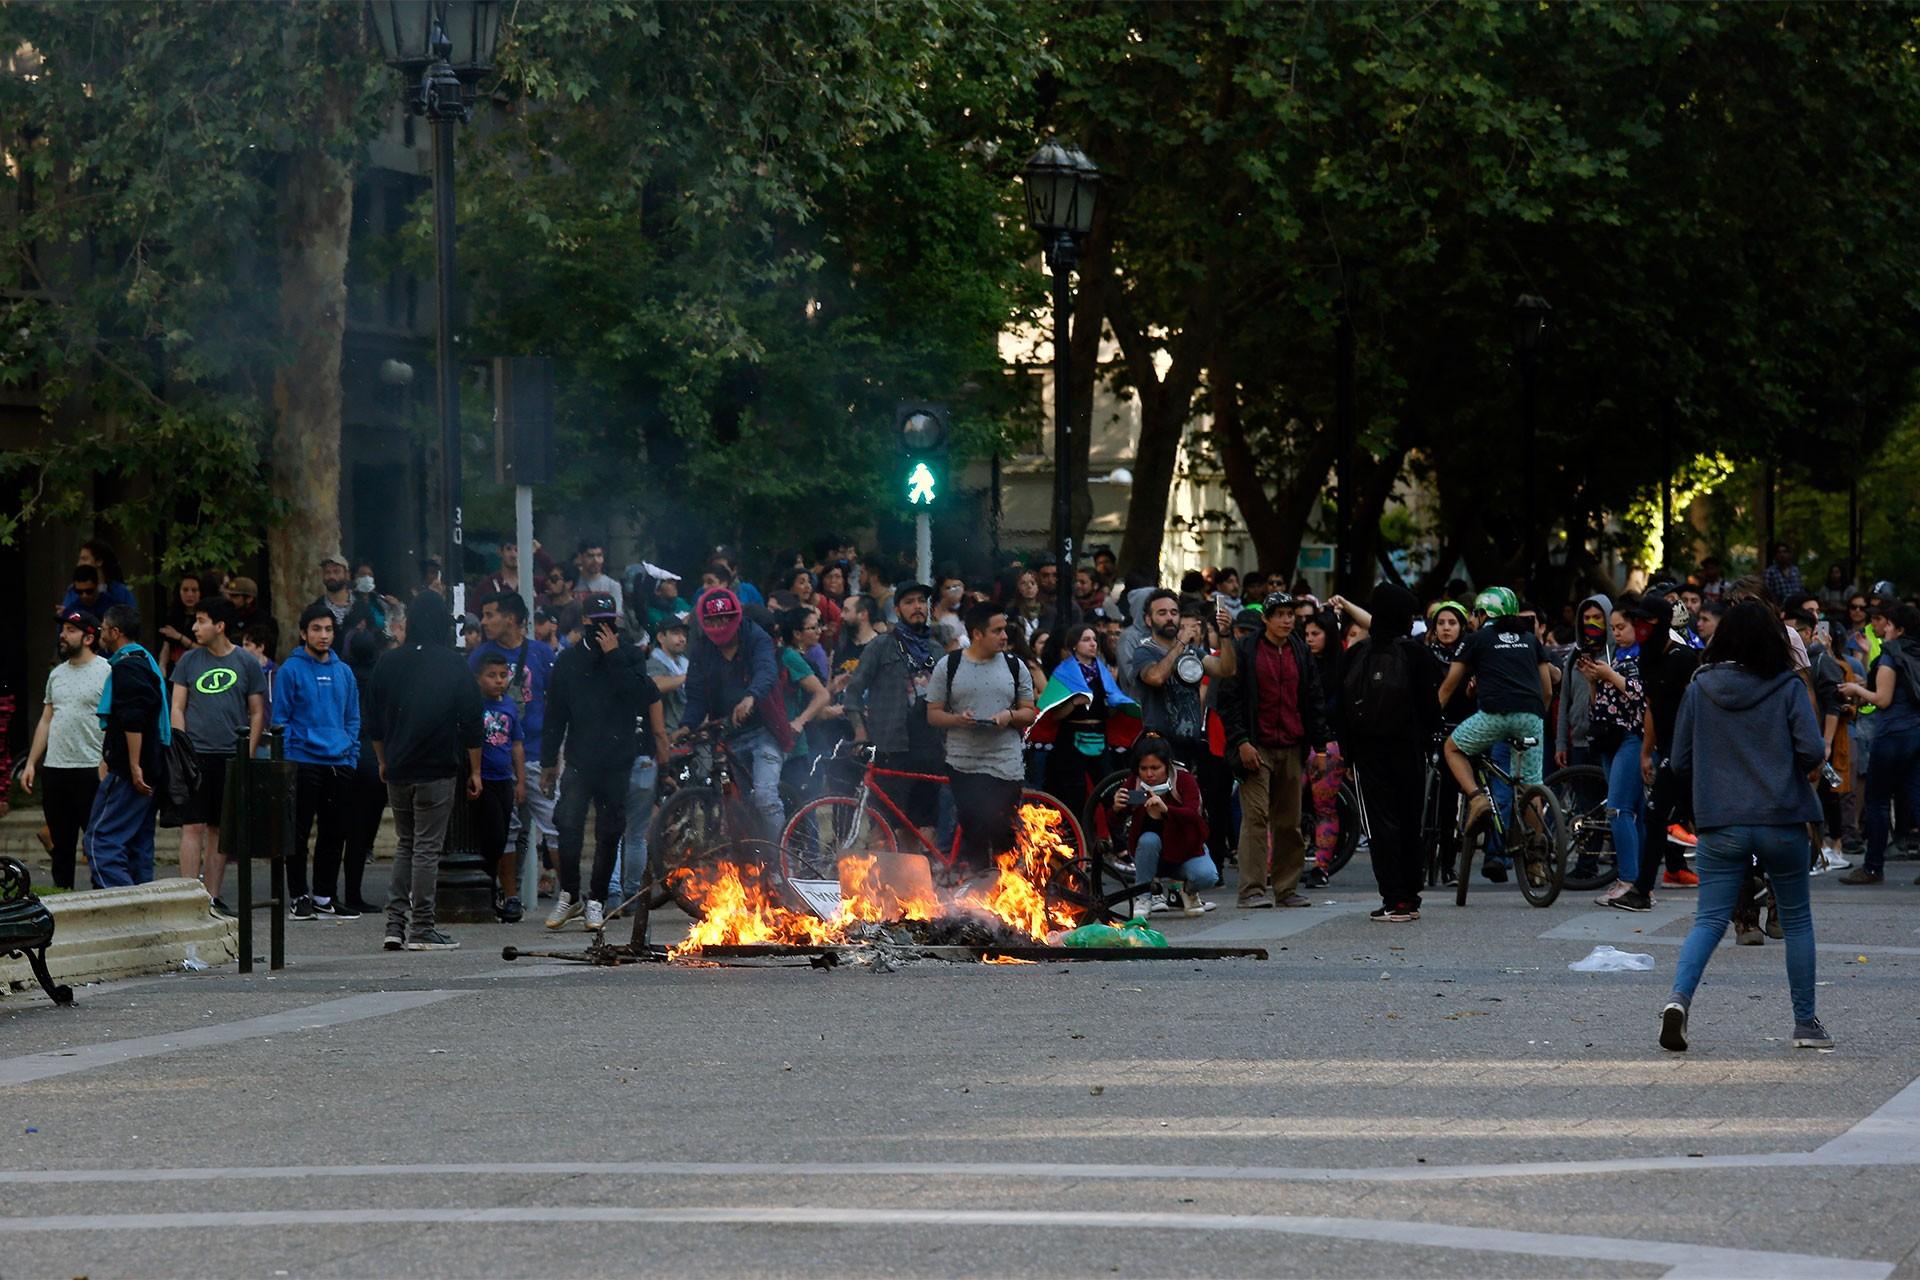 Şili sendikaları: Asker sokaktan çekilmezse 23 Ekim'de greve çıkıyoruz